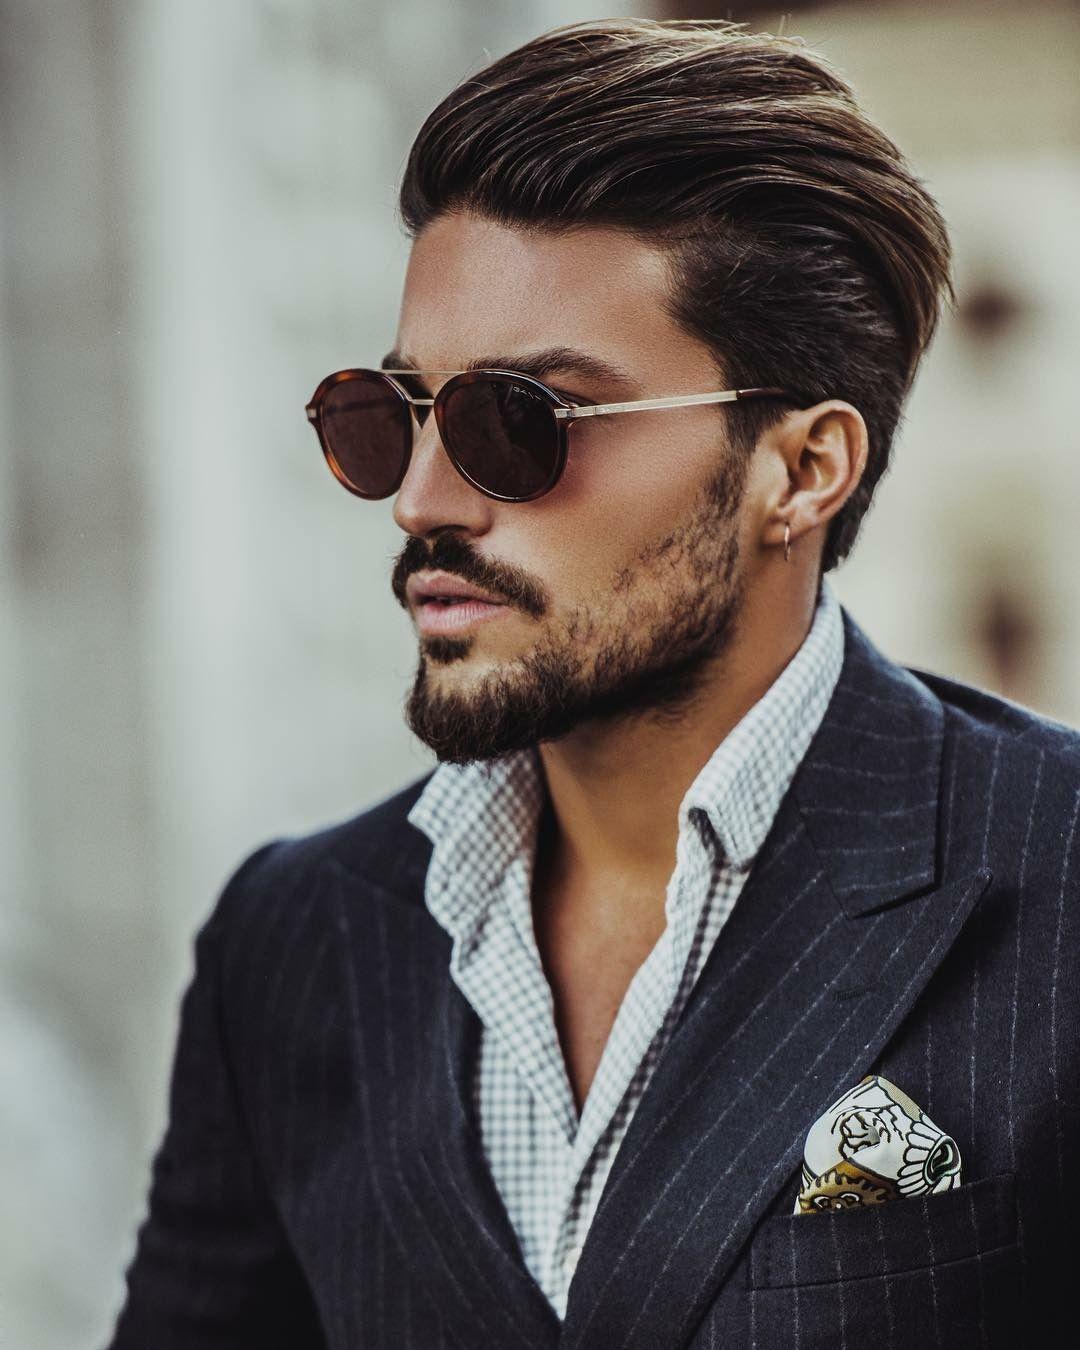 Marianodivaio Mdv Mdvstyle Fashion Style Love Mariano Di Vaio